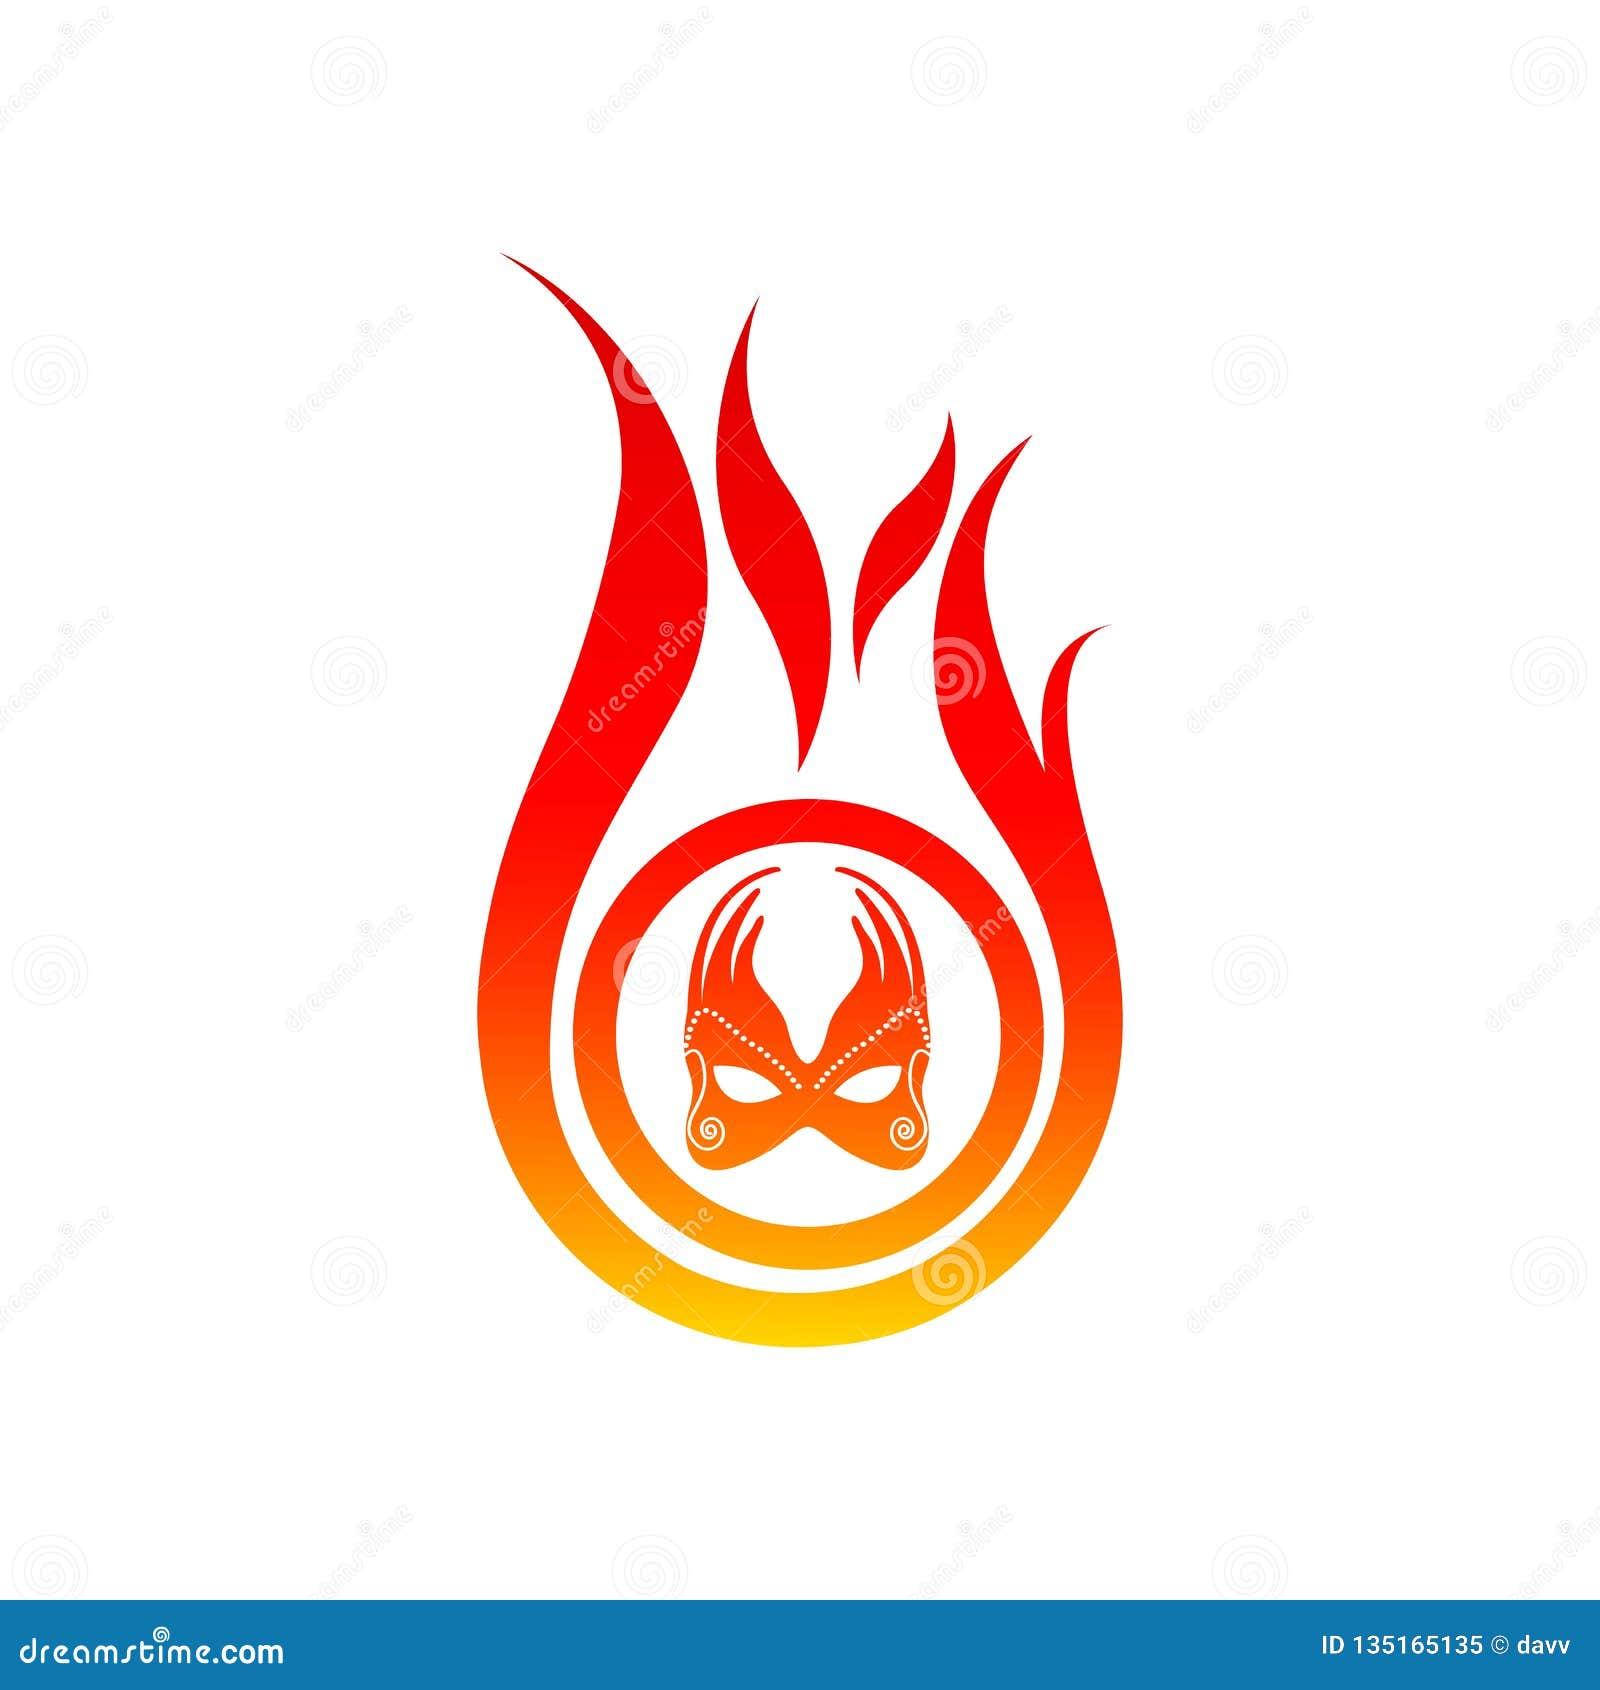 Modello di vettore di logo della fiamma grafico di progettazione di logo del fuoco elemento di progettazione di logo della torcia